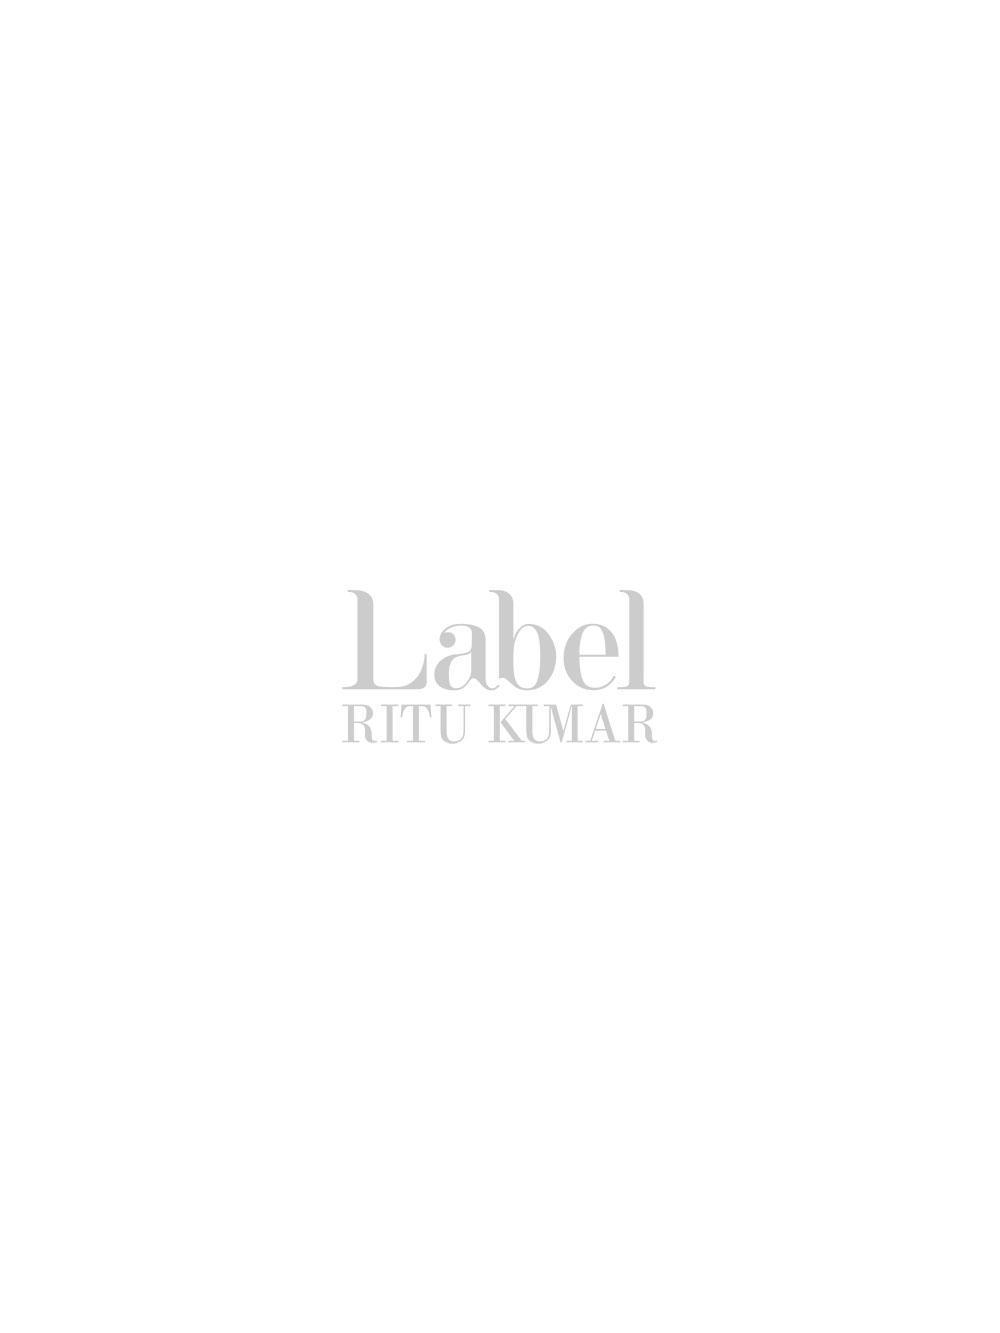 Black Embellished Net Long Dress By Label Ritu Kumar